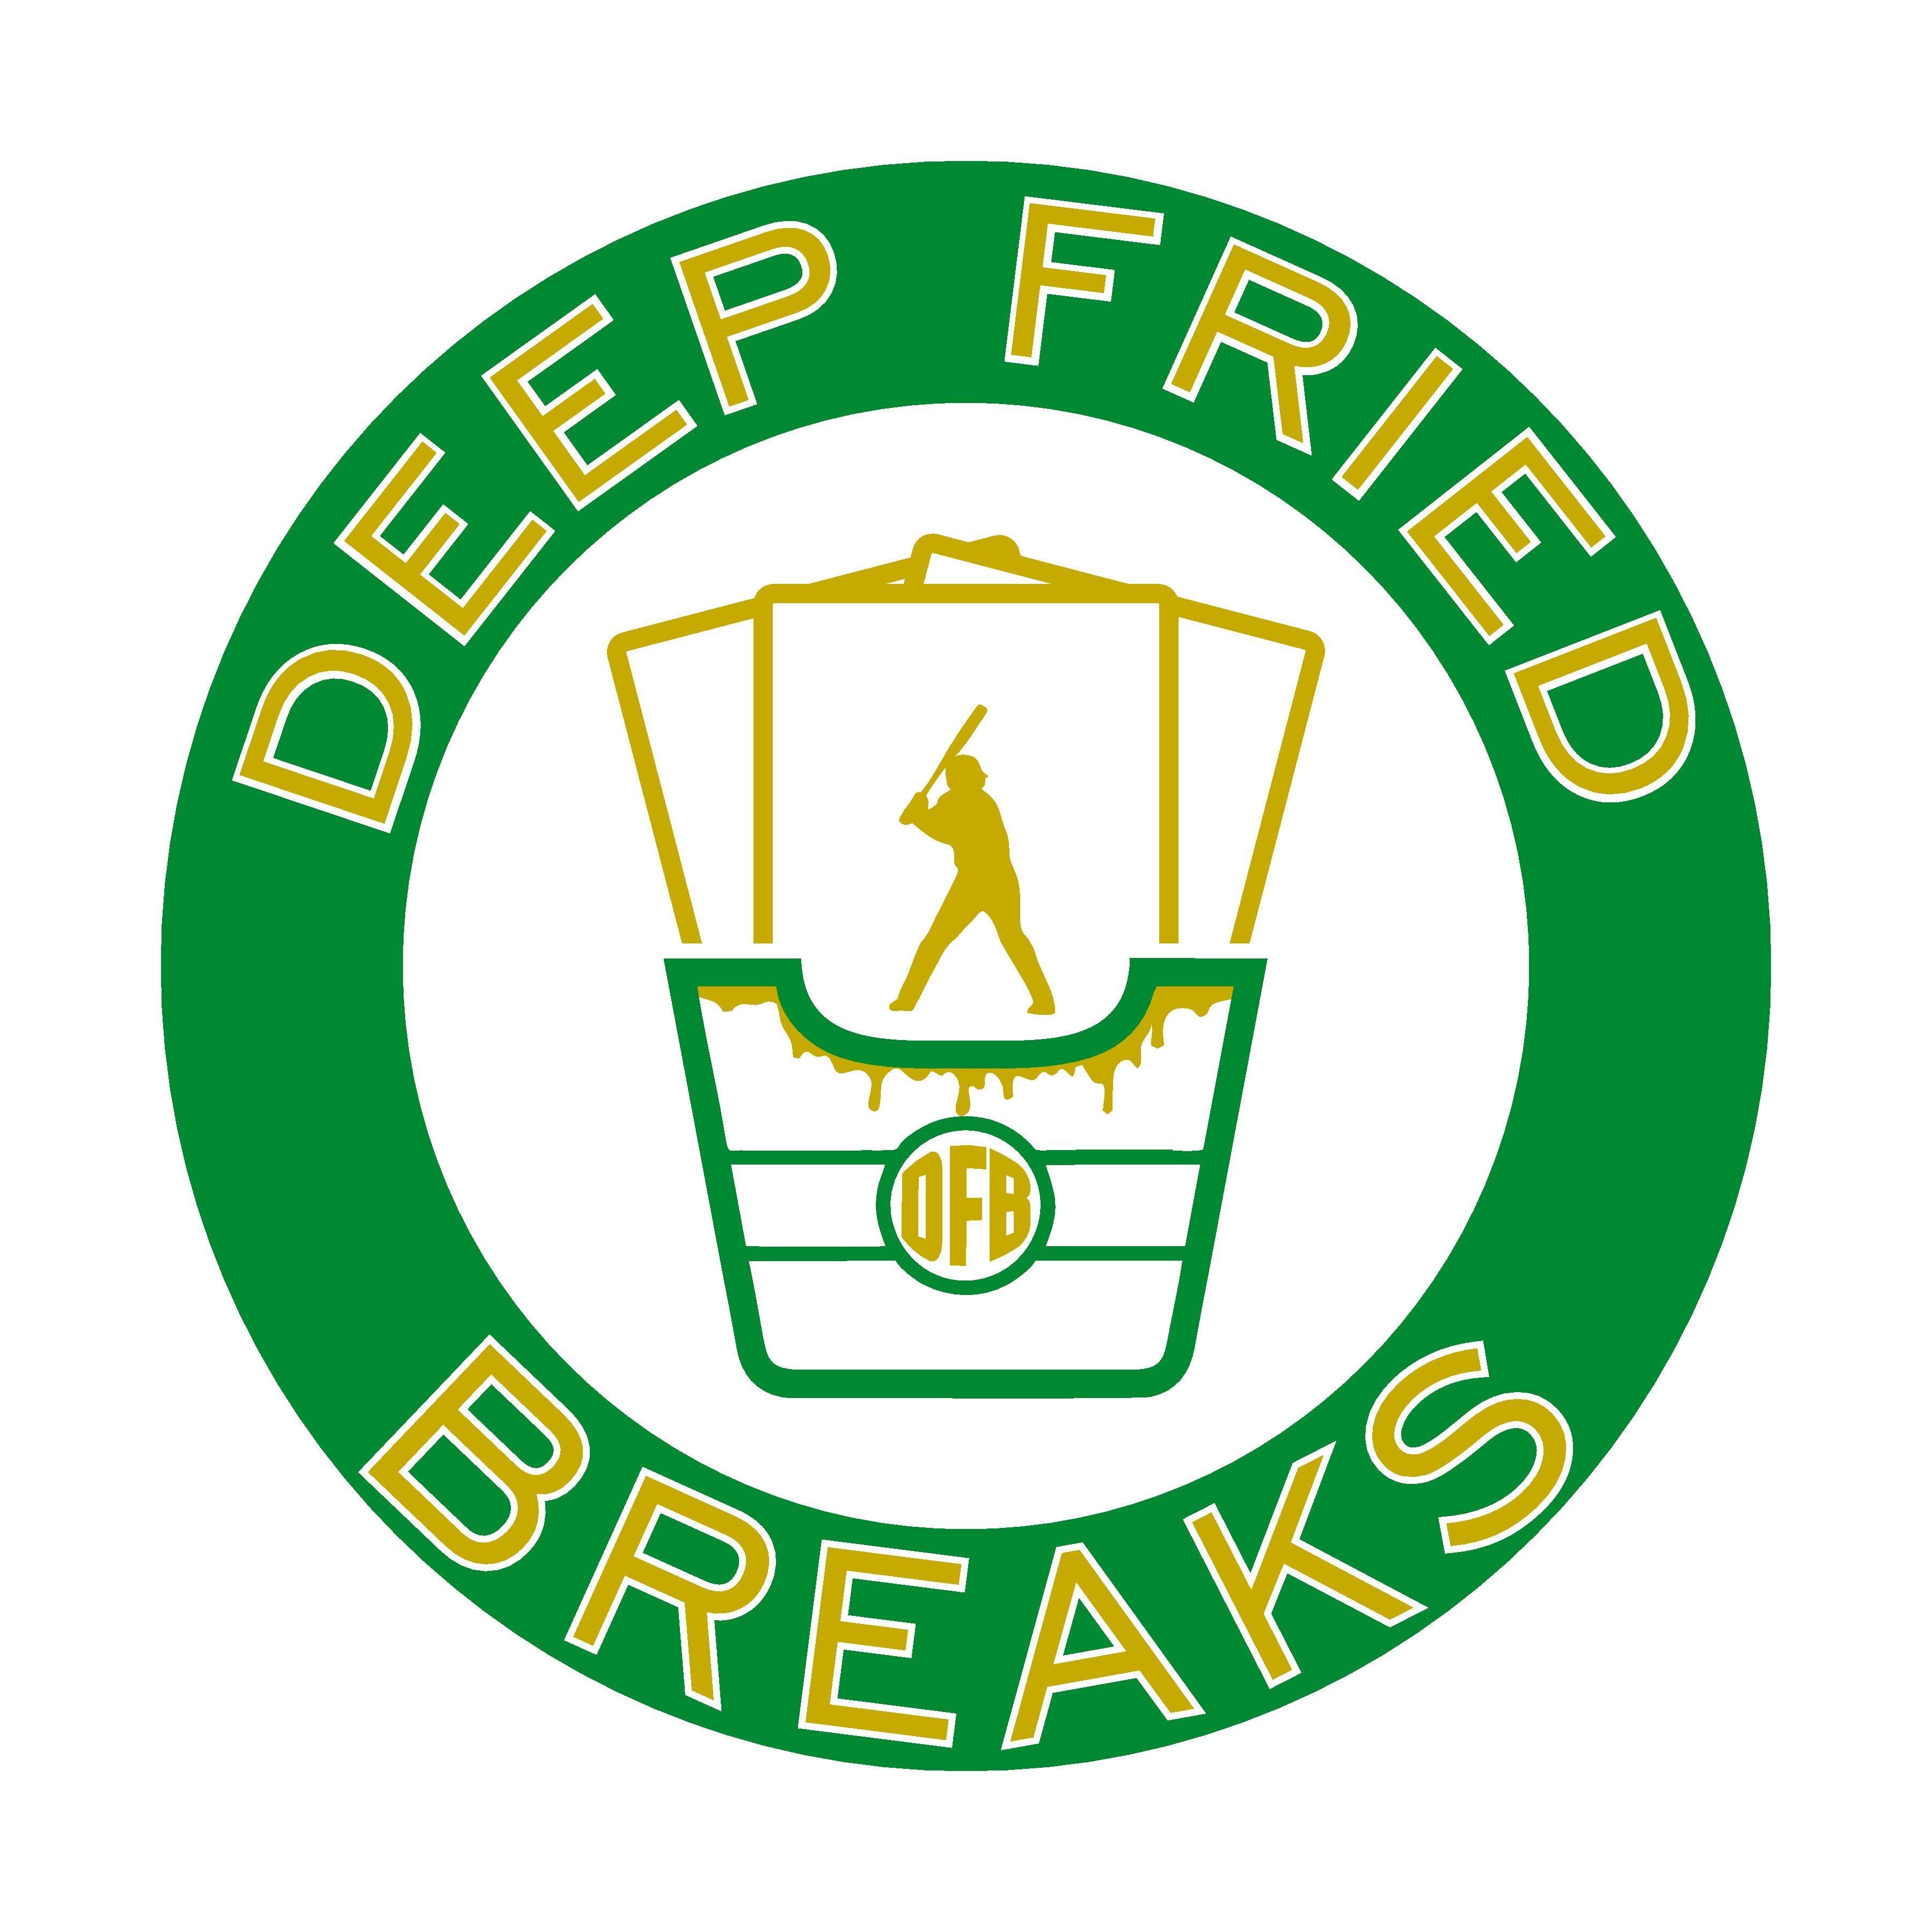 Deep Fried Breaks